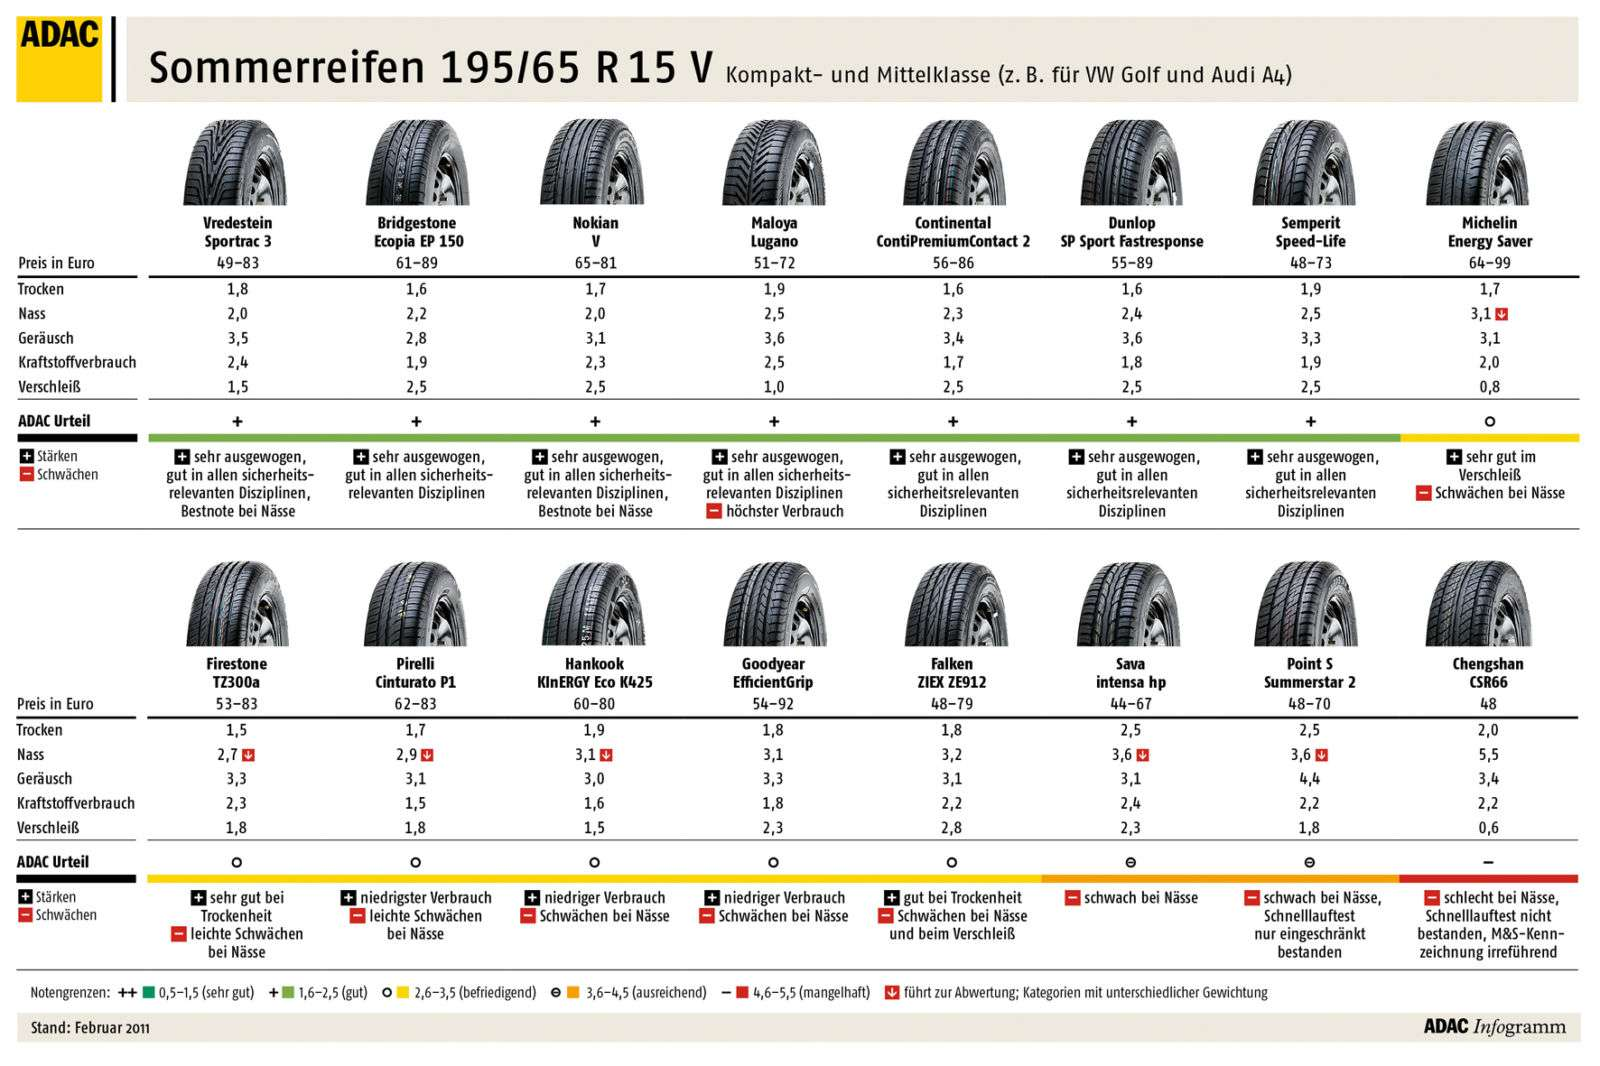 19565 R15 Reifen Testberichte